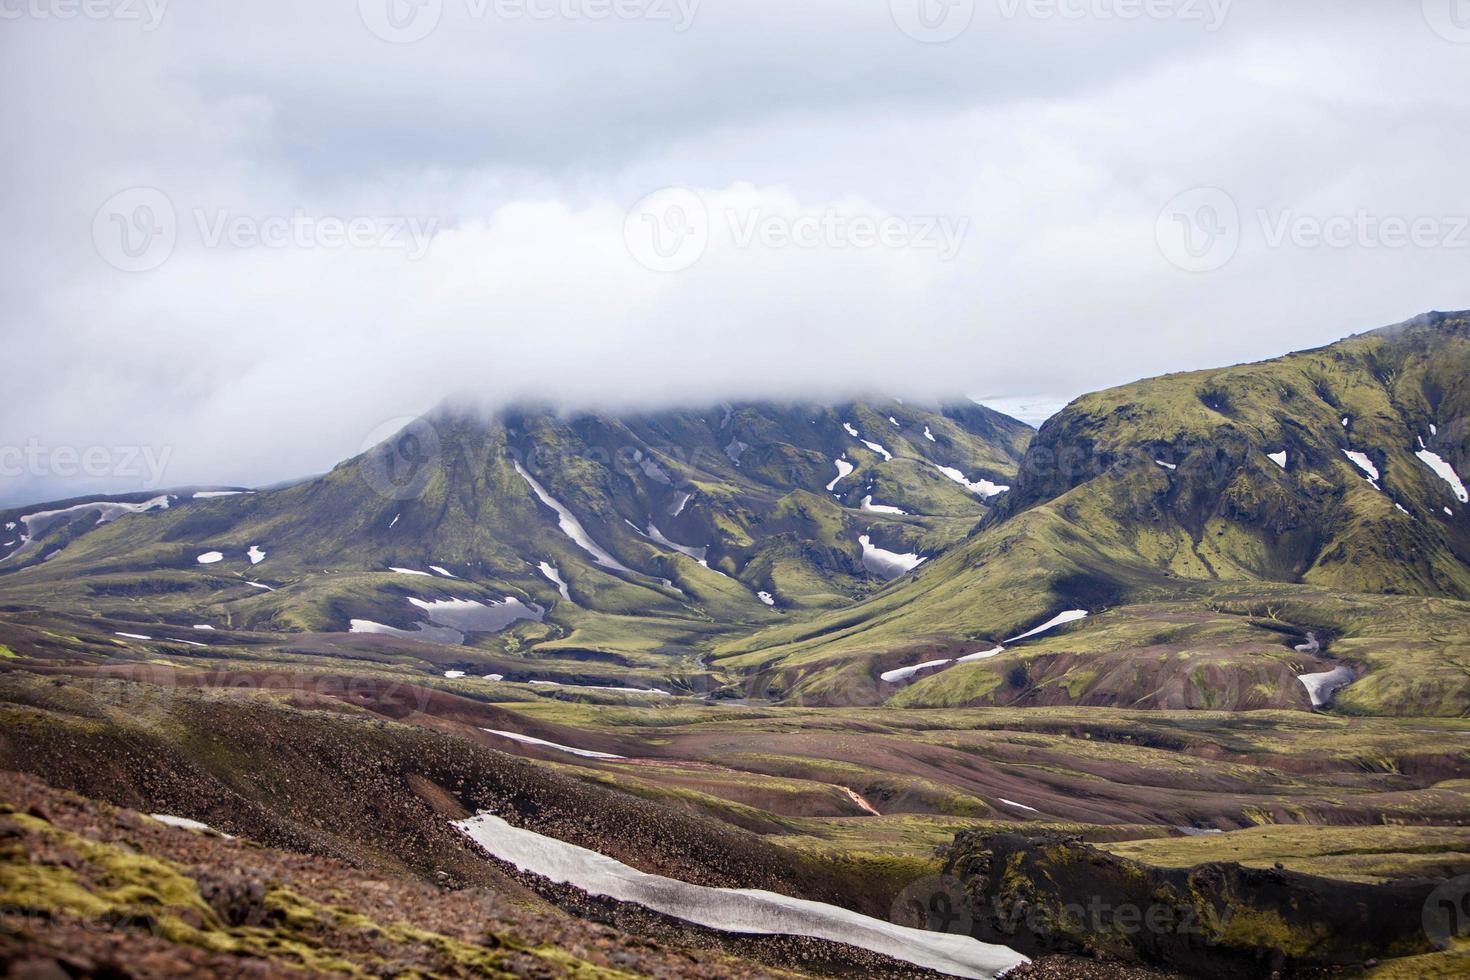 paisaje volcánico - landmannalaugar, islandia foto